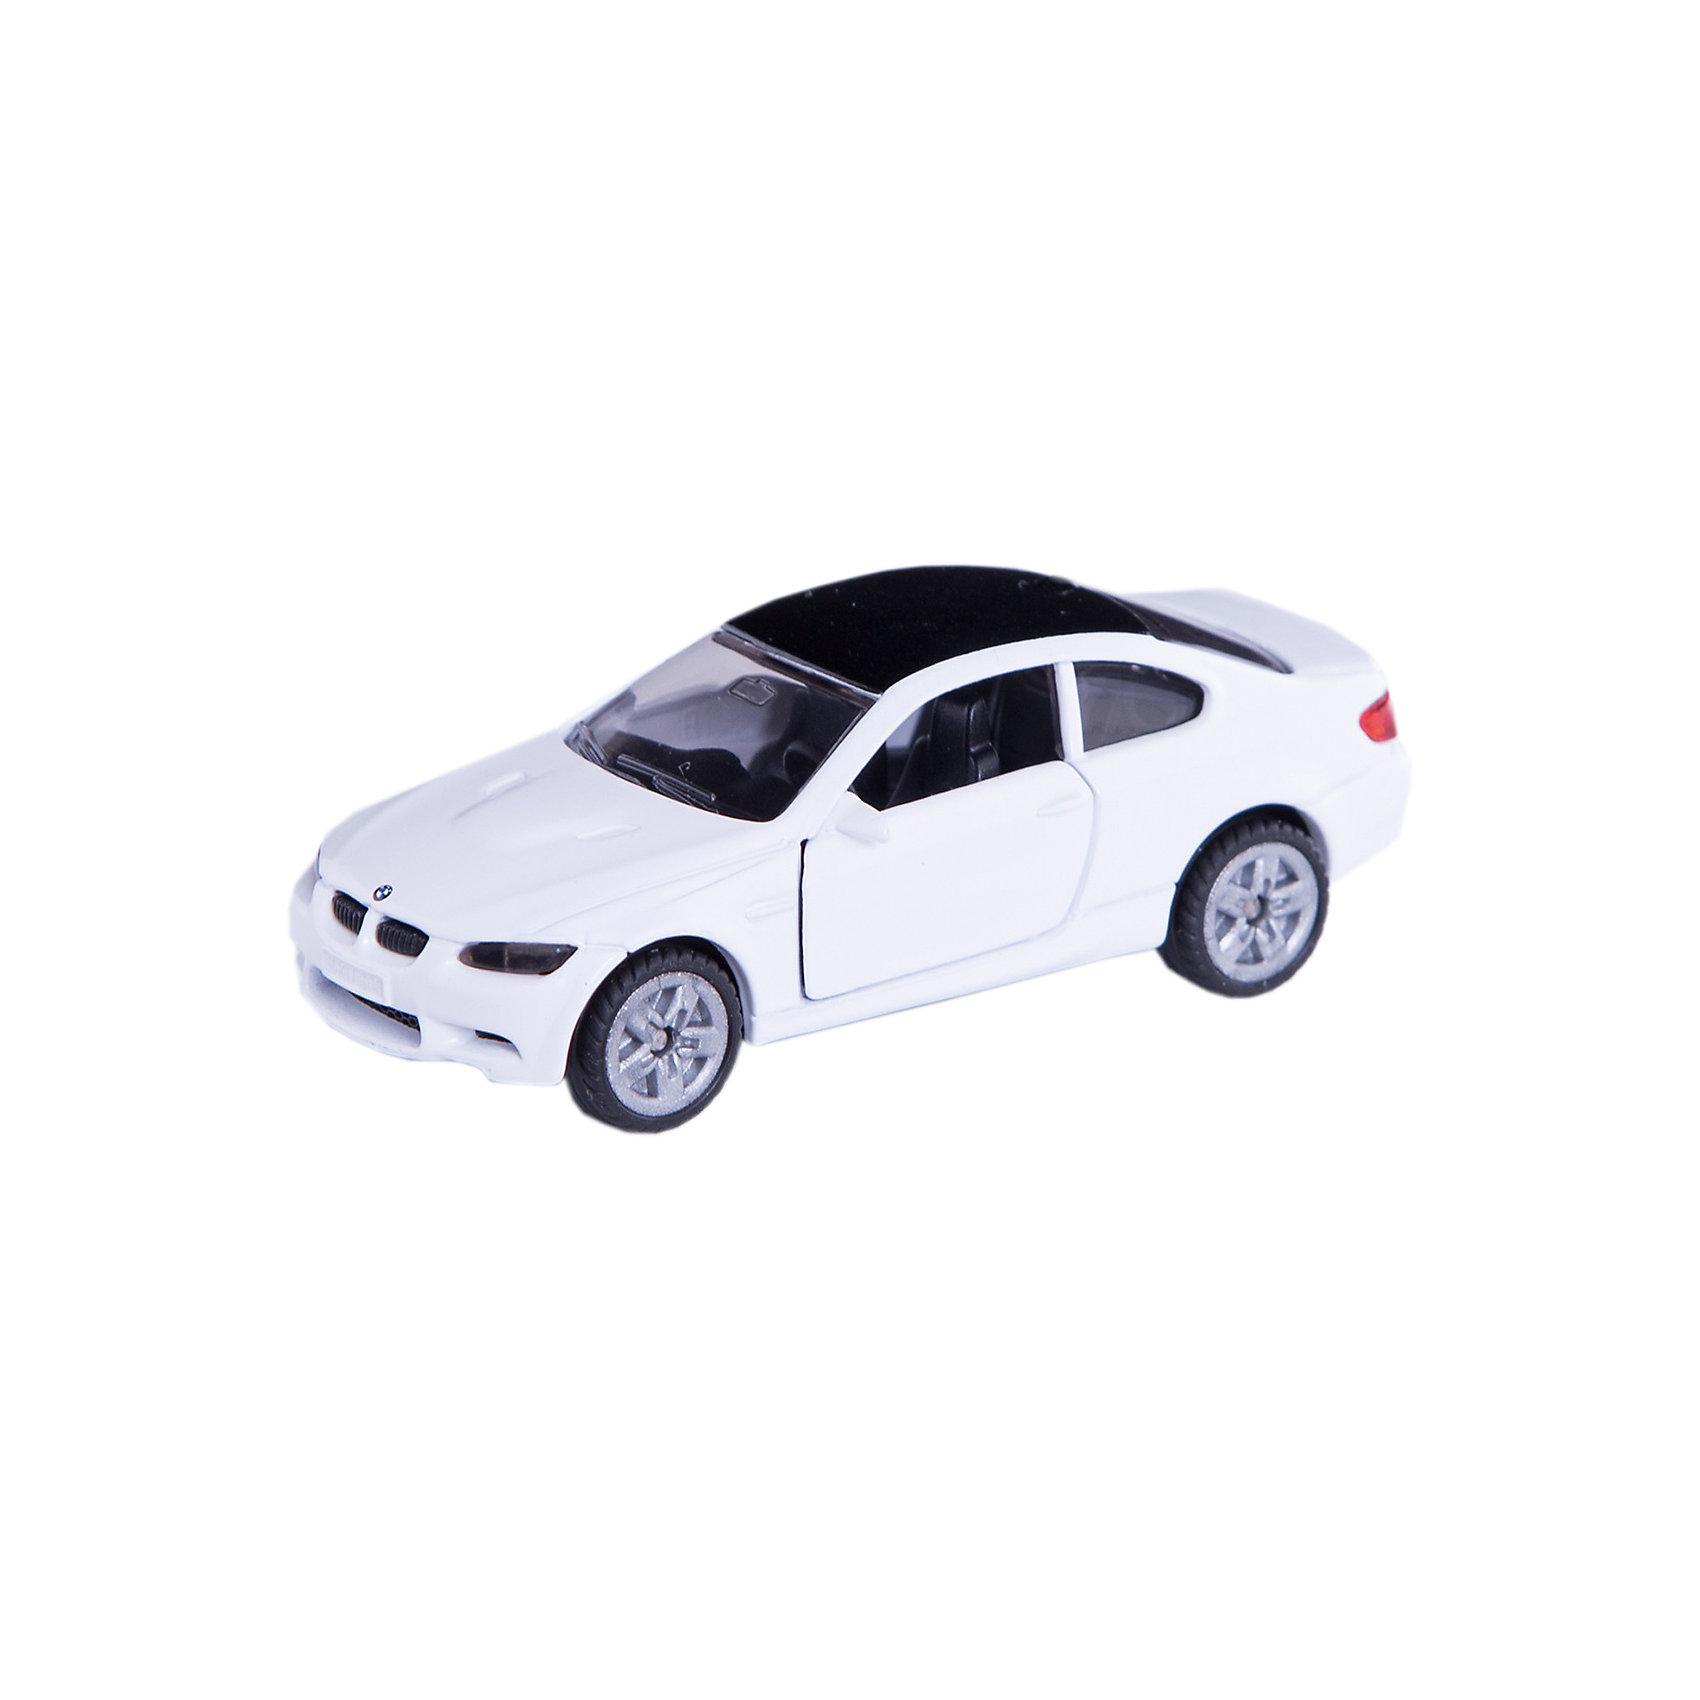 SIKU SIKU 1450 Машина BMW M3 купе siku siku 1007 bmw 645i cabrio